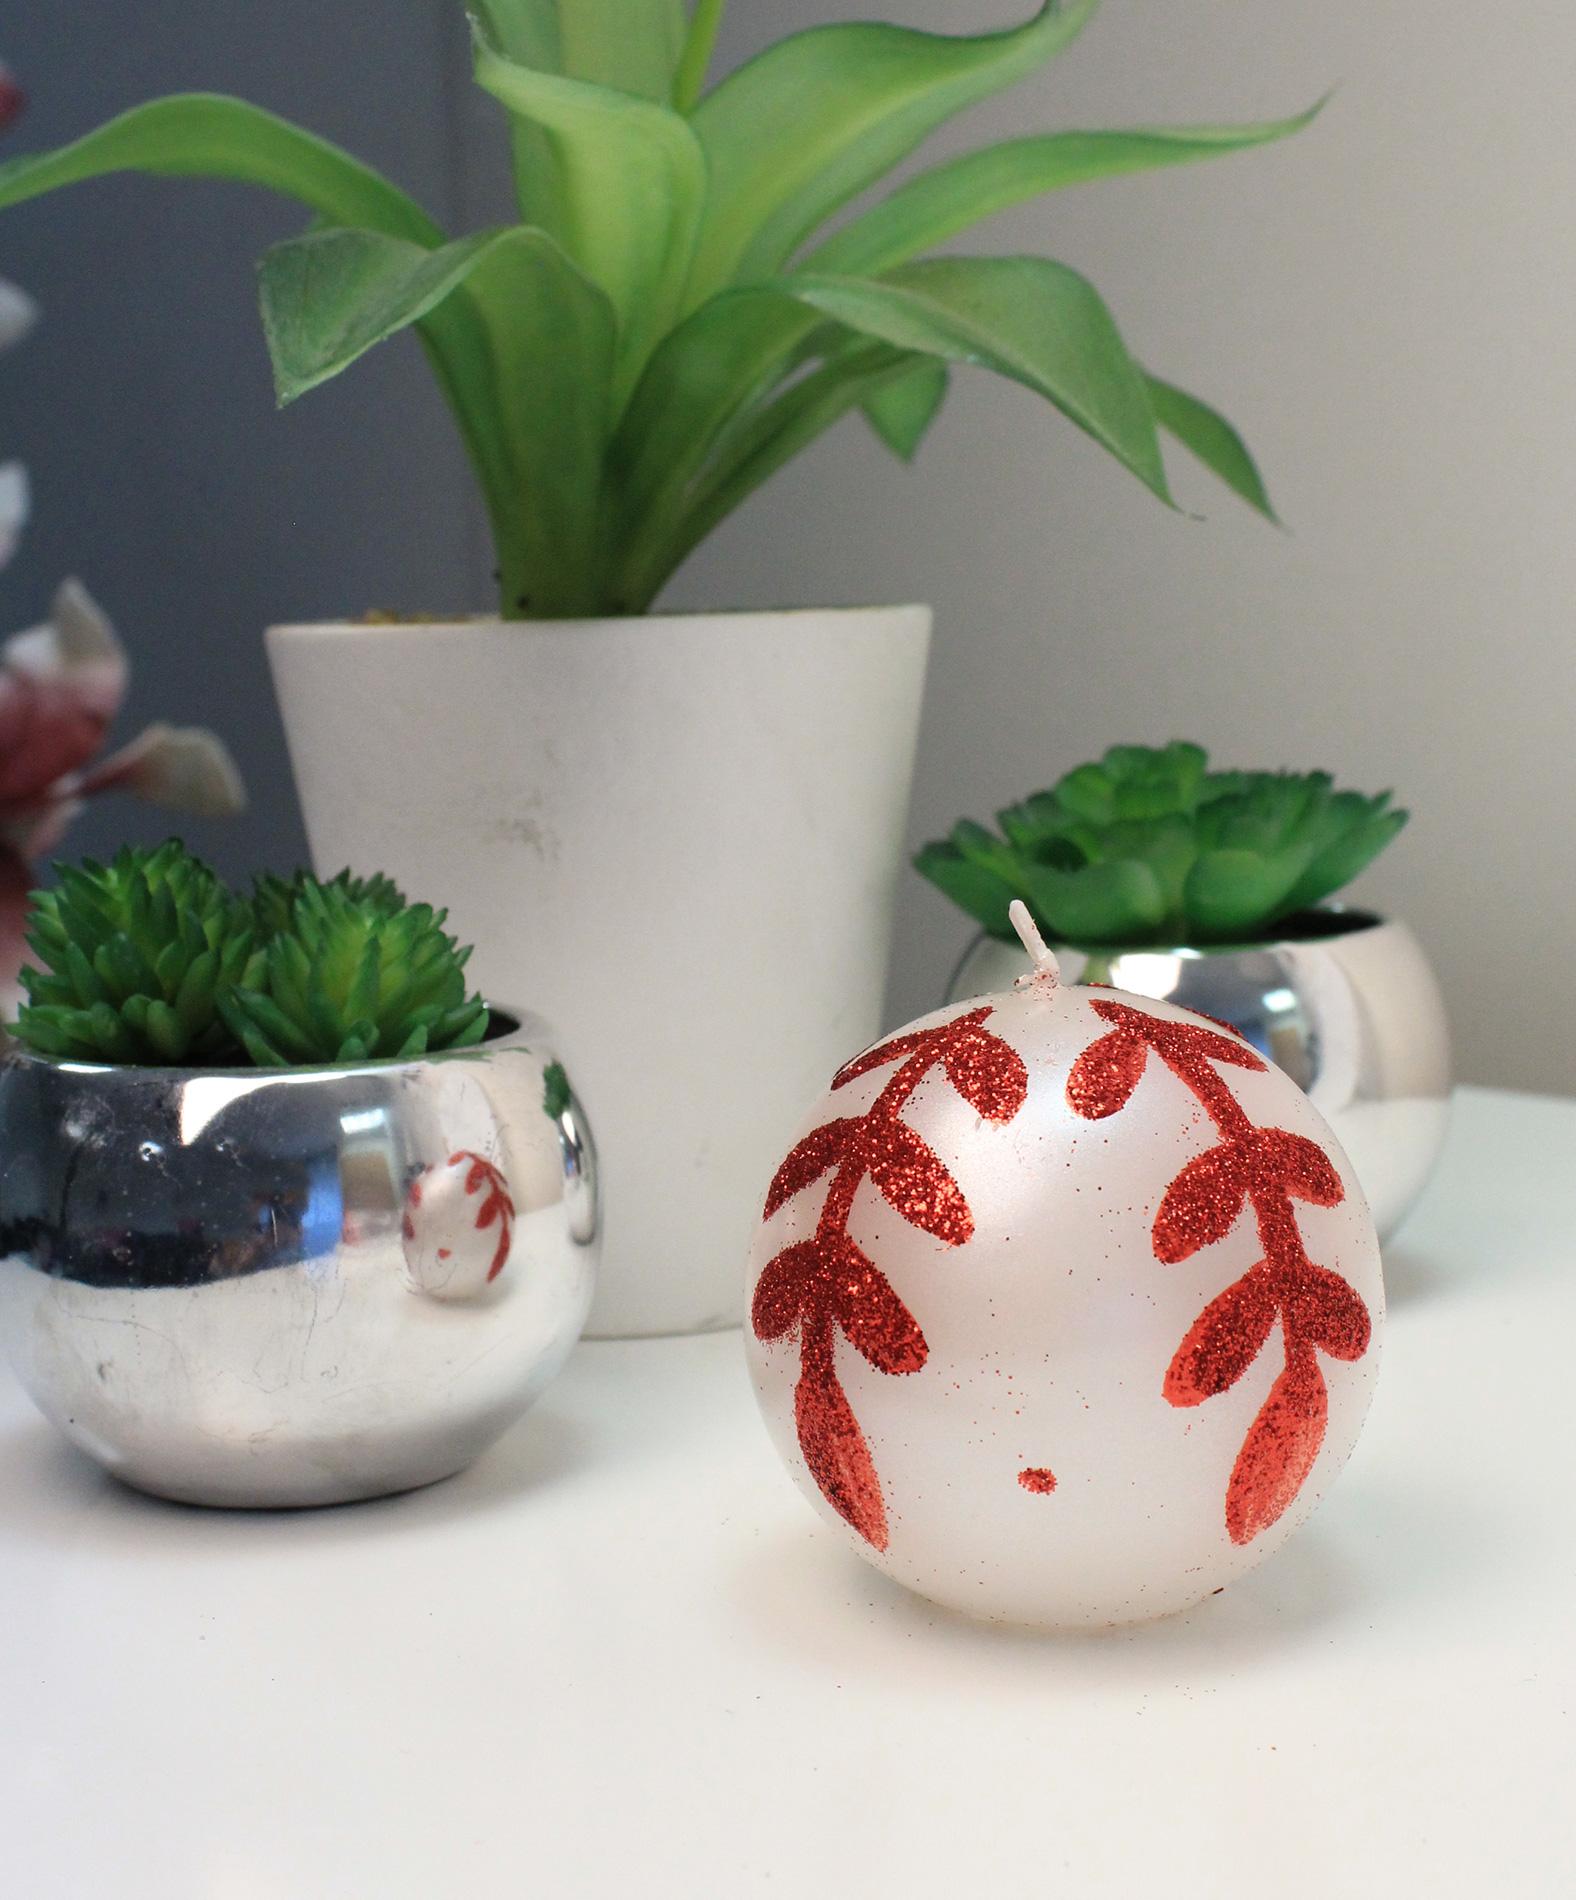 bougie ronde blanche motif feuilles d coration anniversaire et f tes th me sur vegaoo party. Black Bedroom Furniture Sets. Home Design Ideas